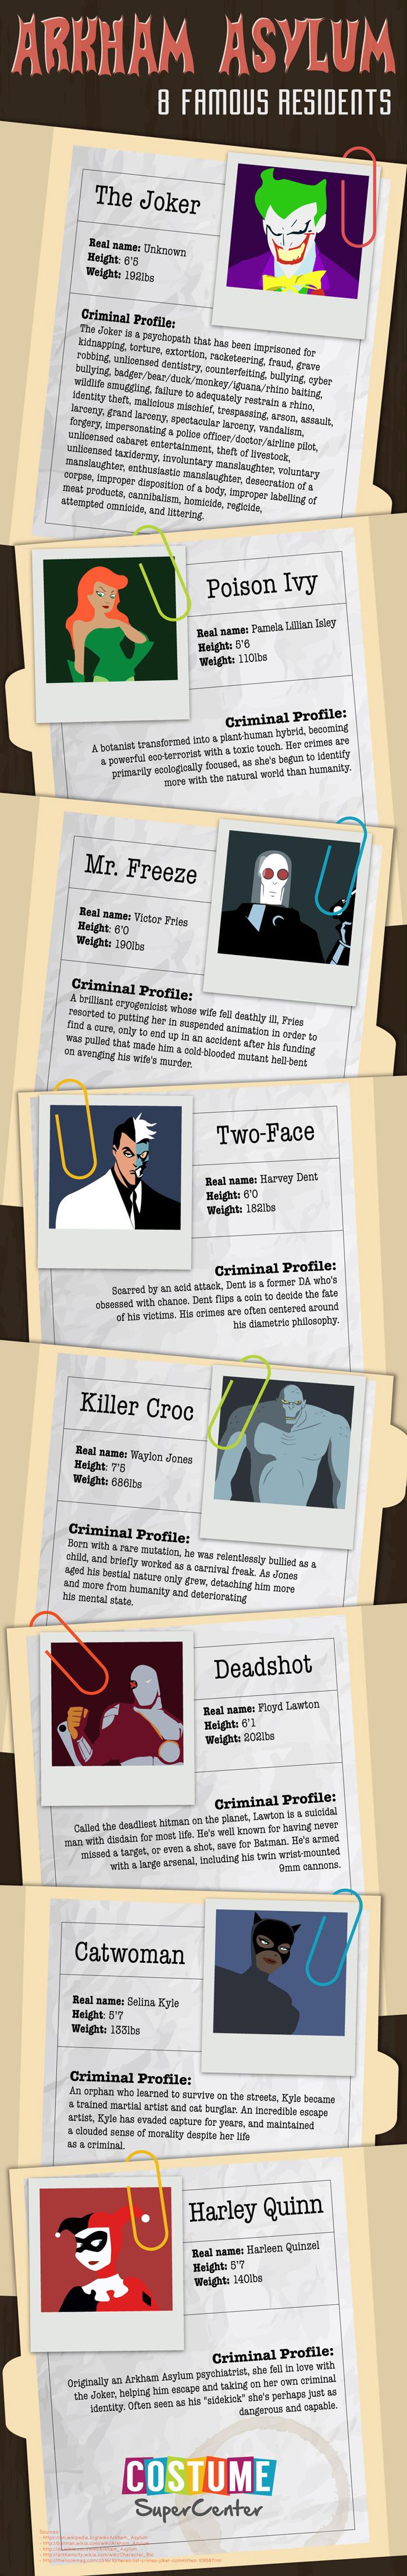 Arkham Asylum: Eight Famous Residents